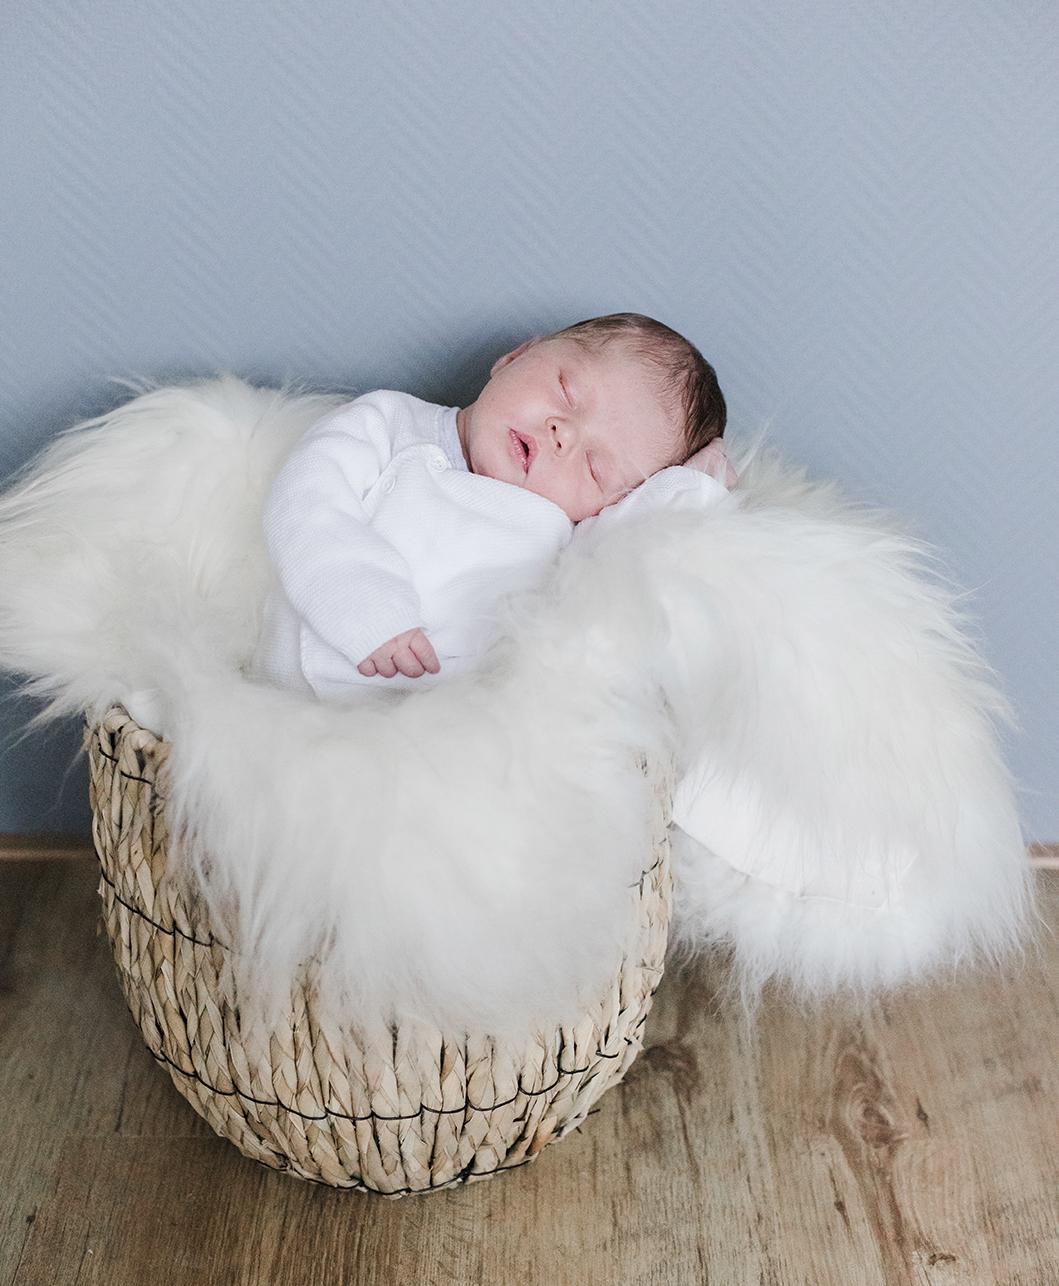 newbornfotograaf noord holland niet geposeerd